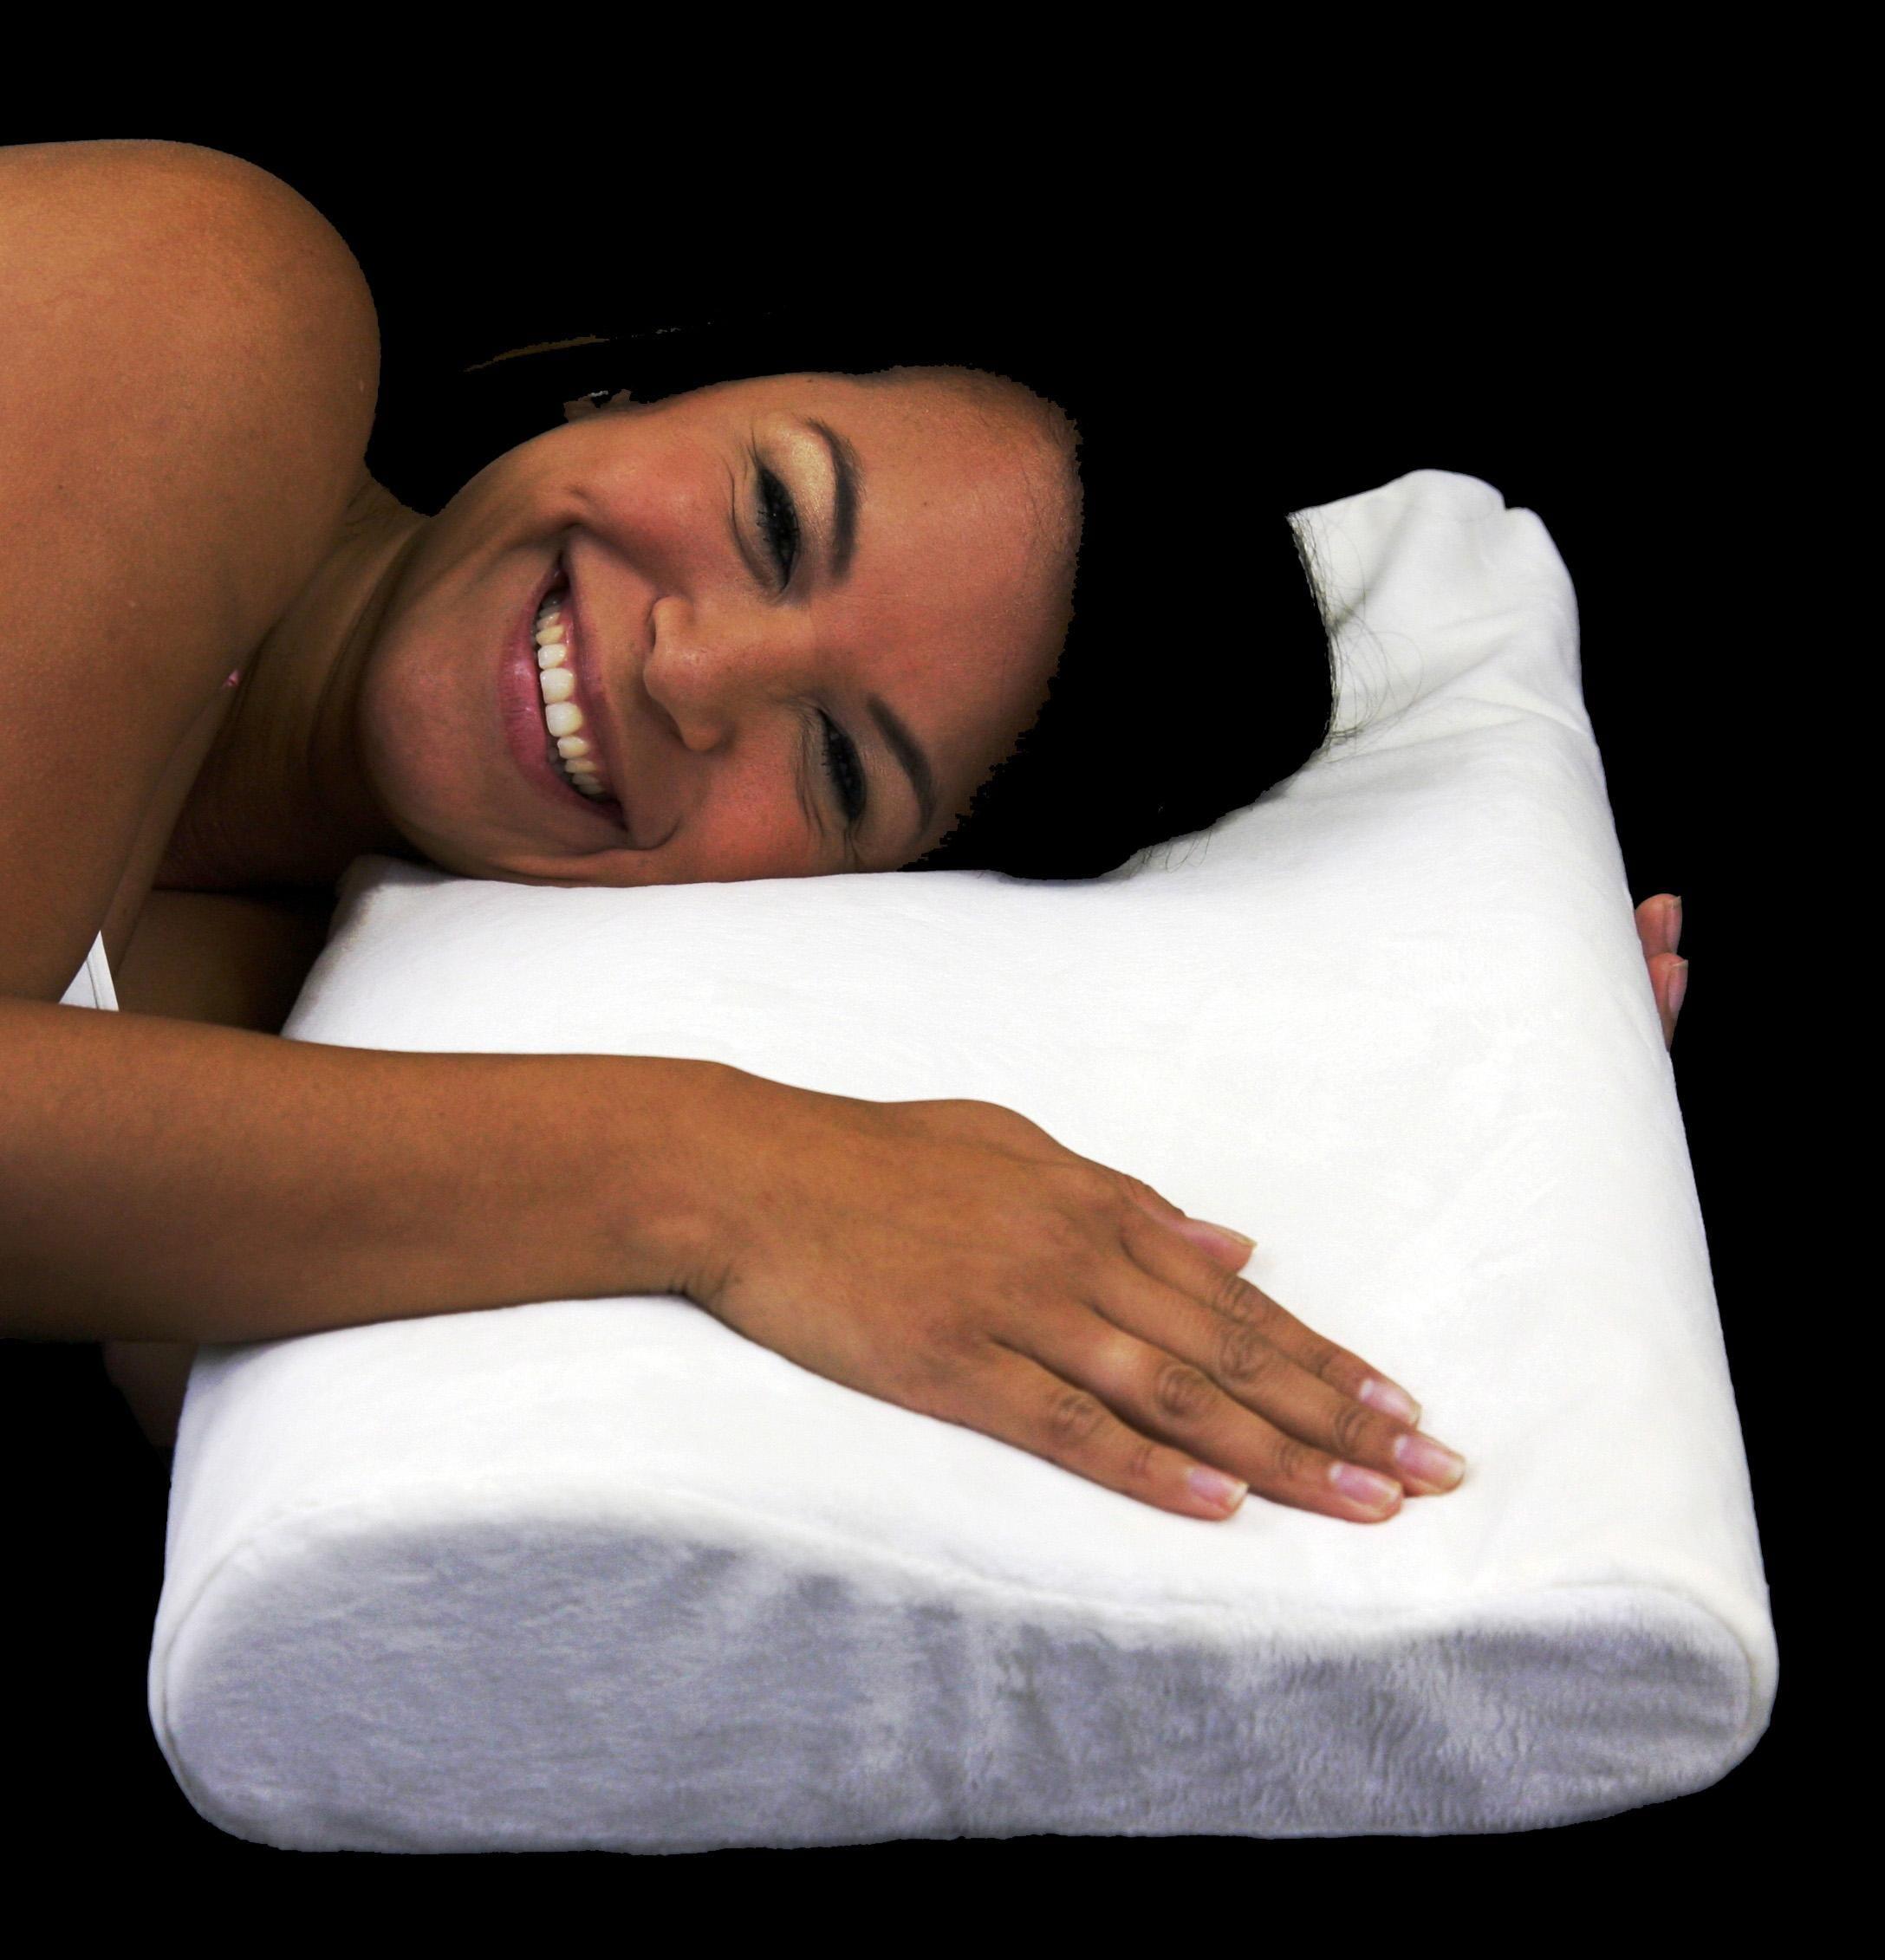 Soft Ergonomic Contour Visco Memory Foam Pillow 13324447